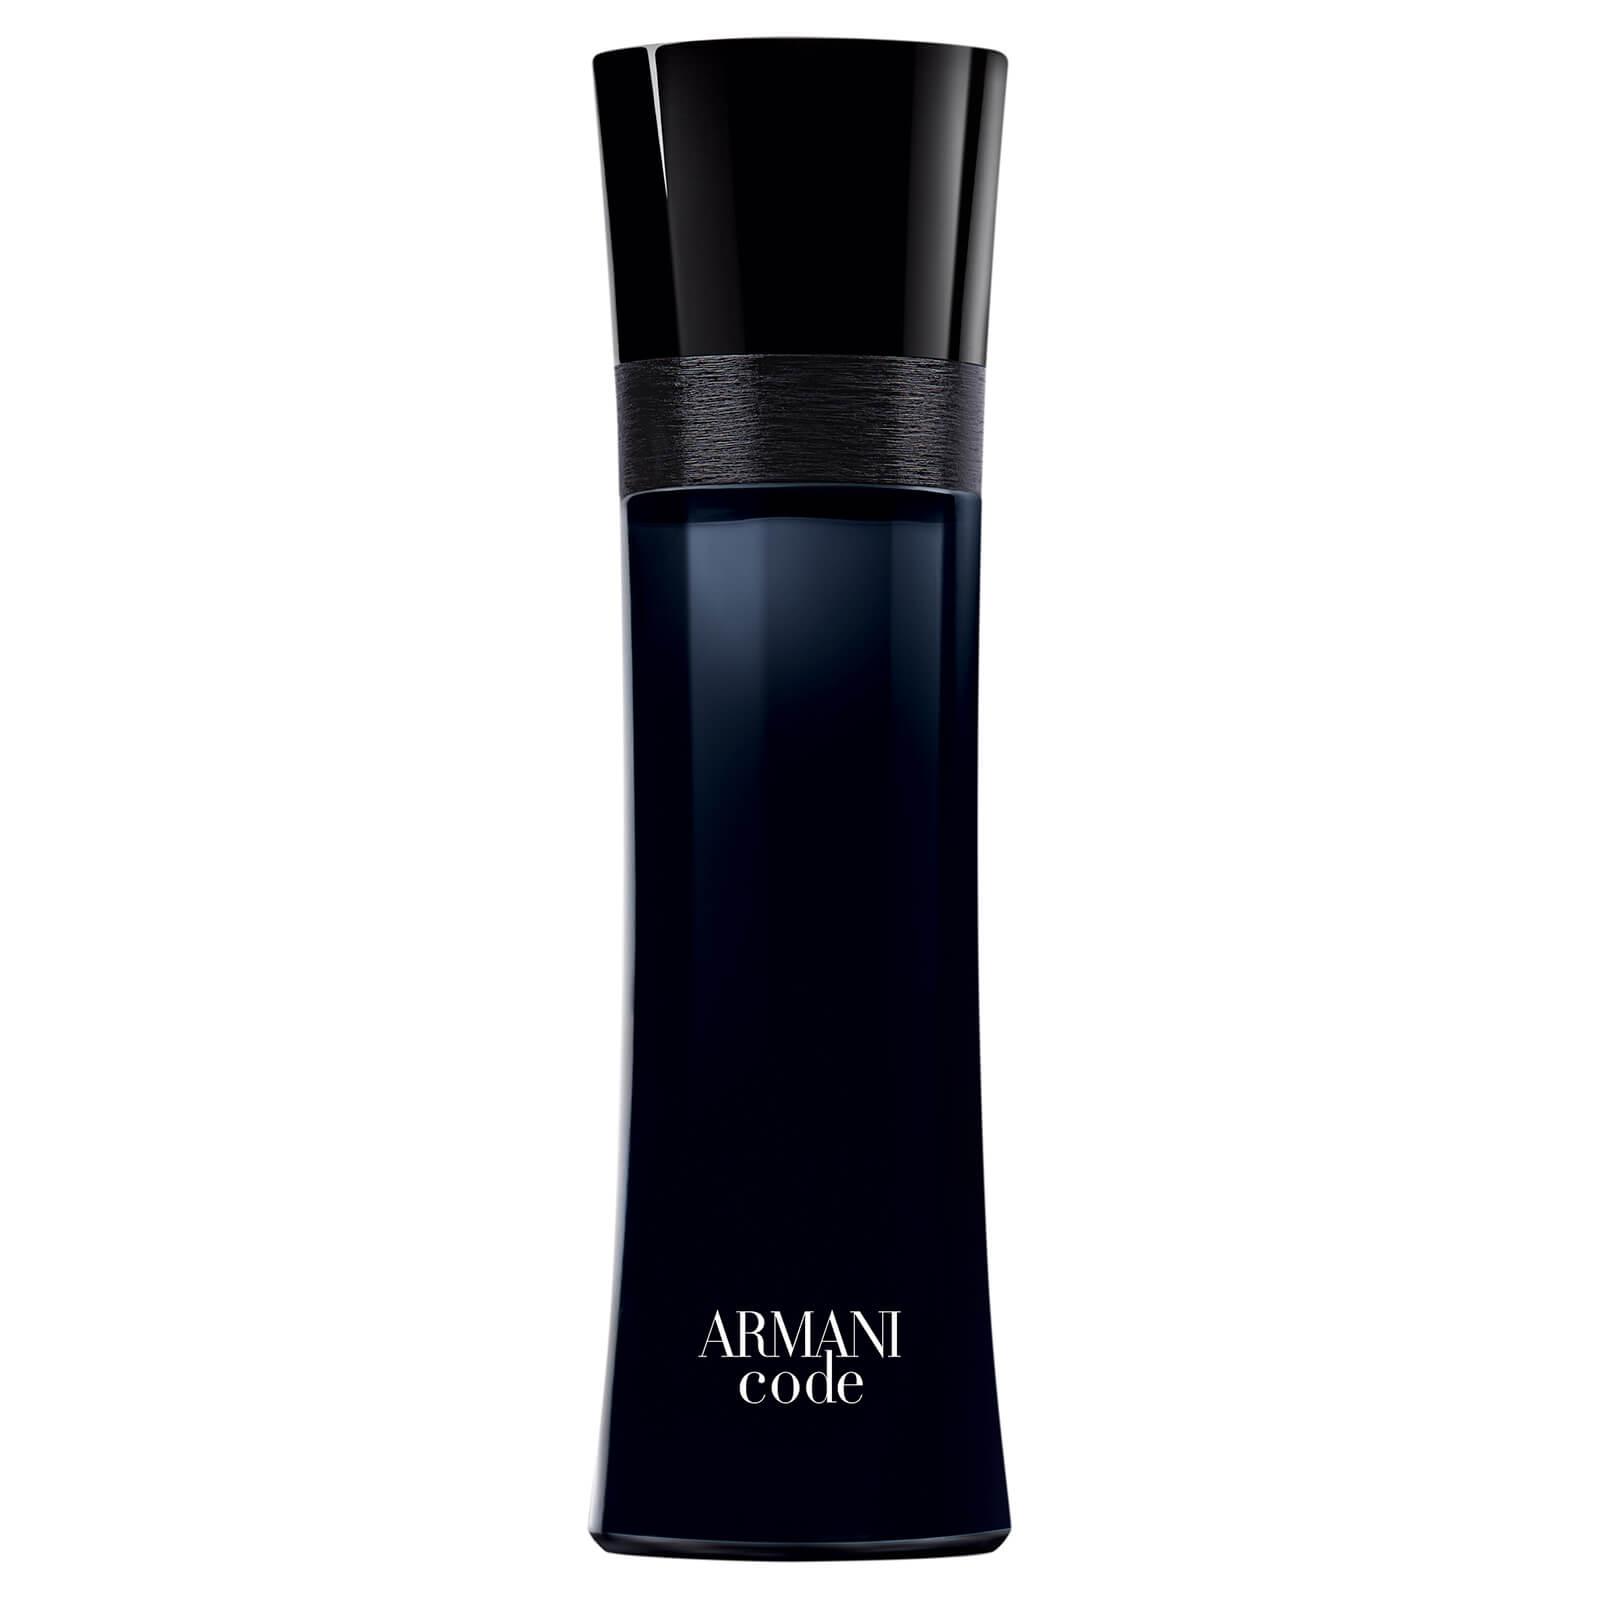 Armani Code Eau de Toilette (Various Sizes) - 125ml